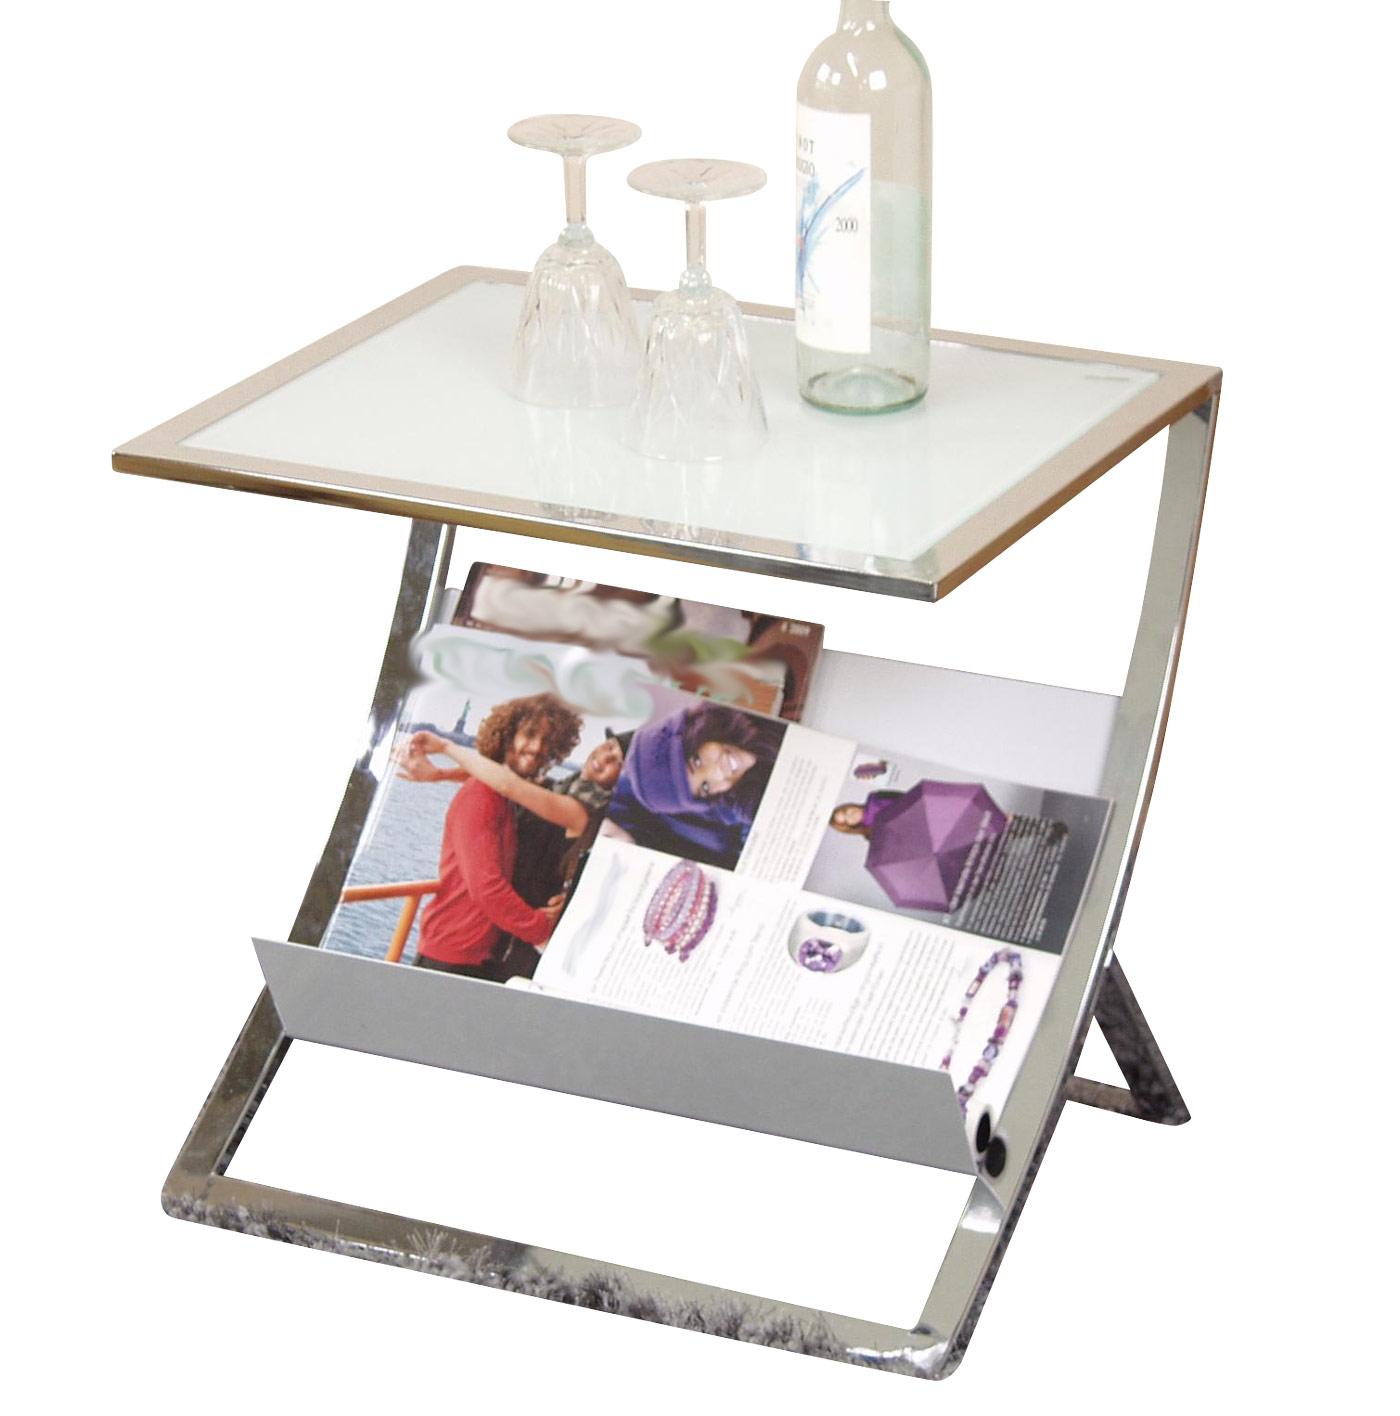 Beistelltisch h88 couchtisch wohnzimmertisch mit for Beistelltisch glas mit zeitungsablage